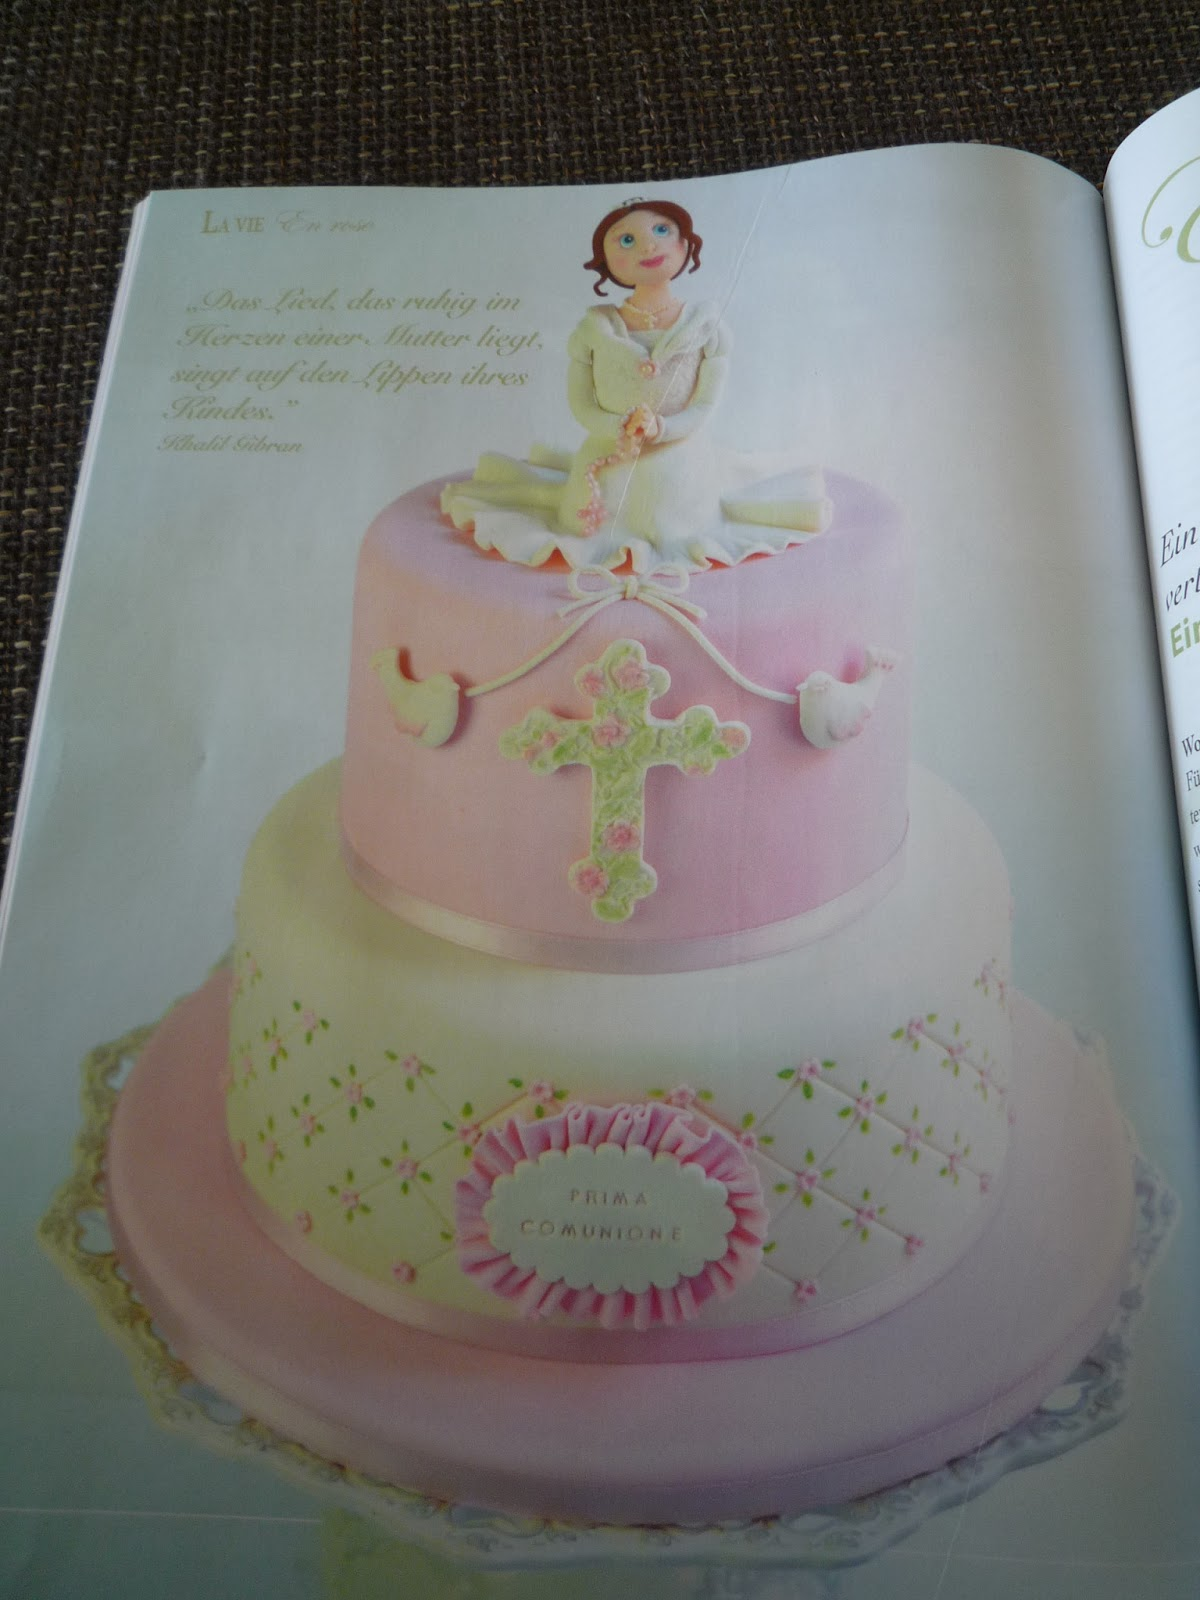 CakeArt Spezial, Torten, Taufe, Kommunion, Konfirmation, Ron Ben Israel,Tortenzeitung, Tortenzeitschrift, Tortenmagazin